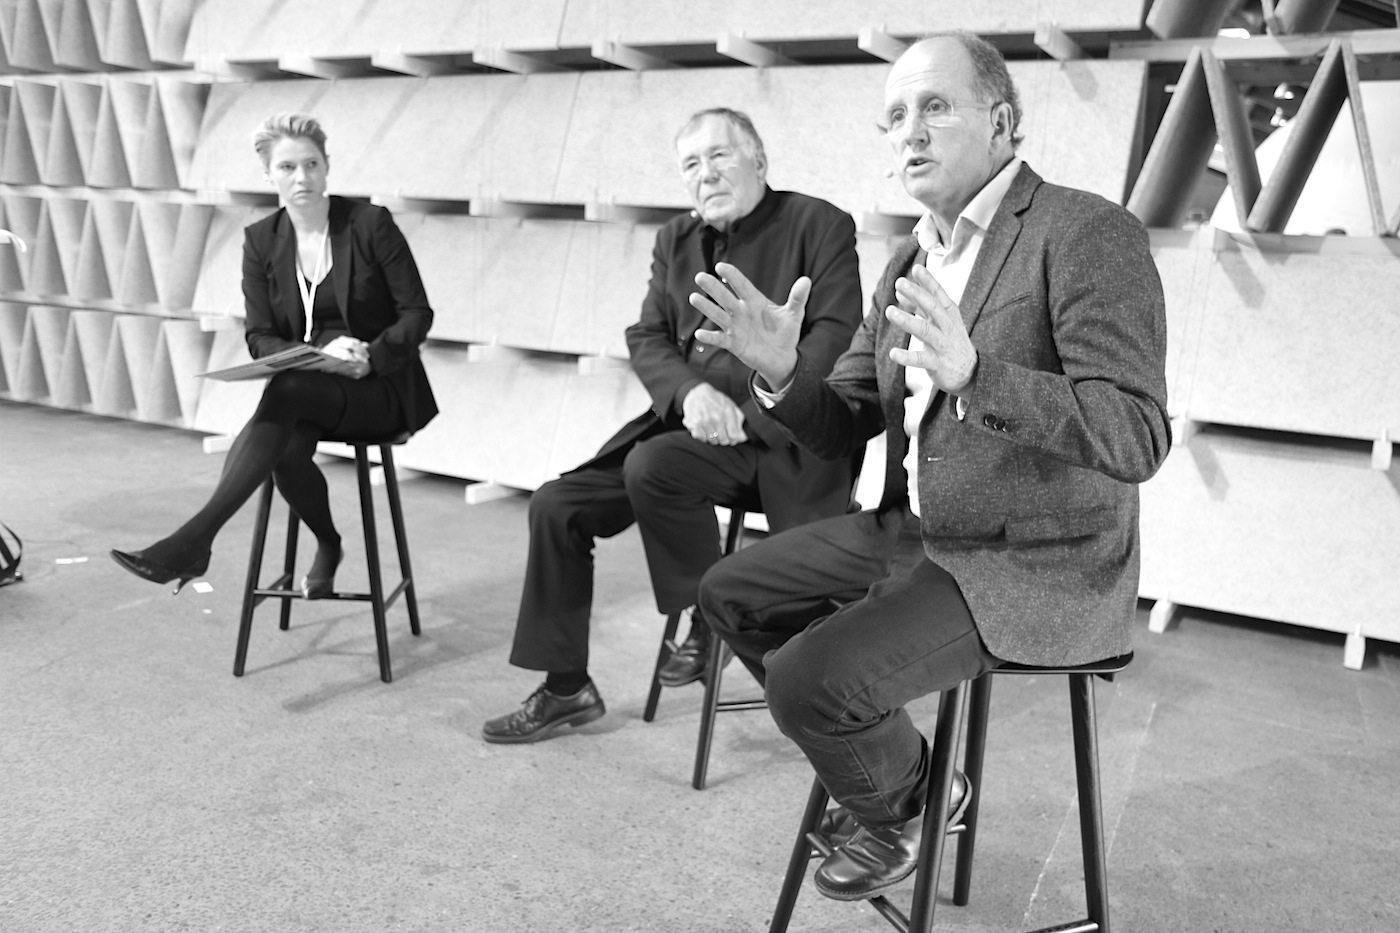 """Rising Architecture Week. """"What are the opportunities and challenges of urbanisation?"""", so das Thema von Rob Adams (re.) und Jan Gehl. Moderiert von der Journalistin Nynne Bjerre Christensen"""